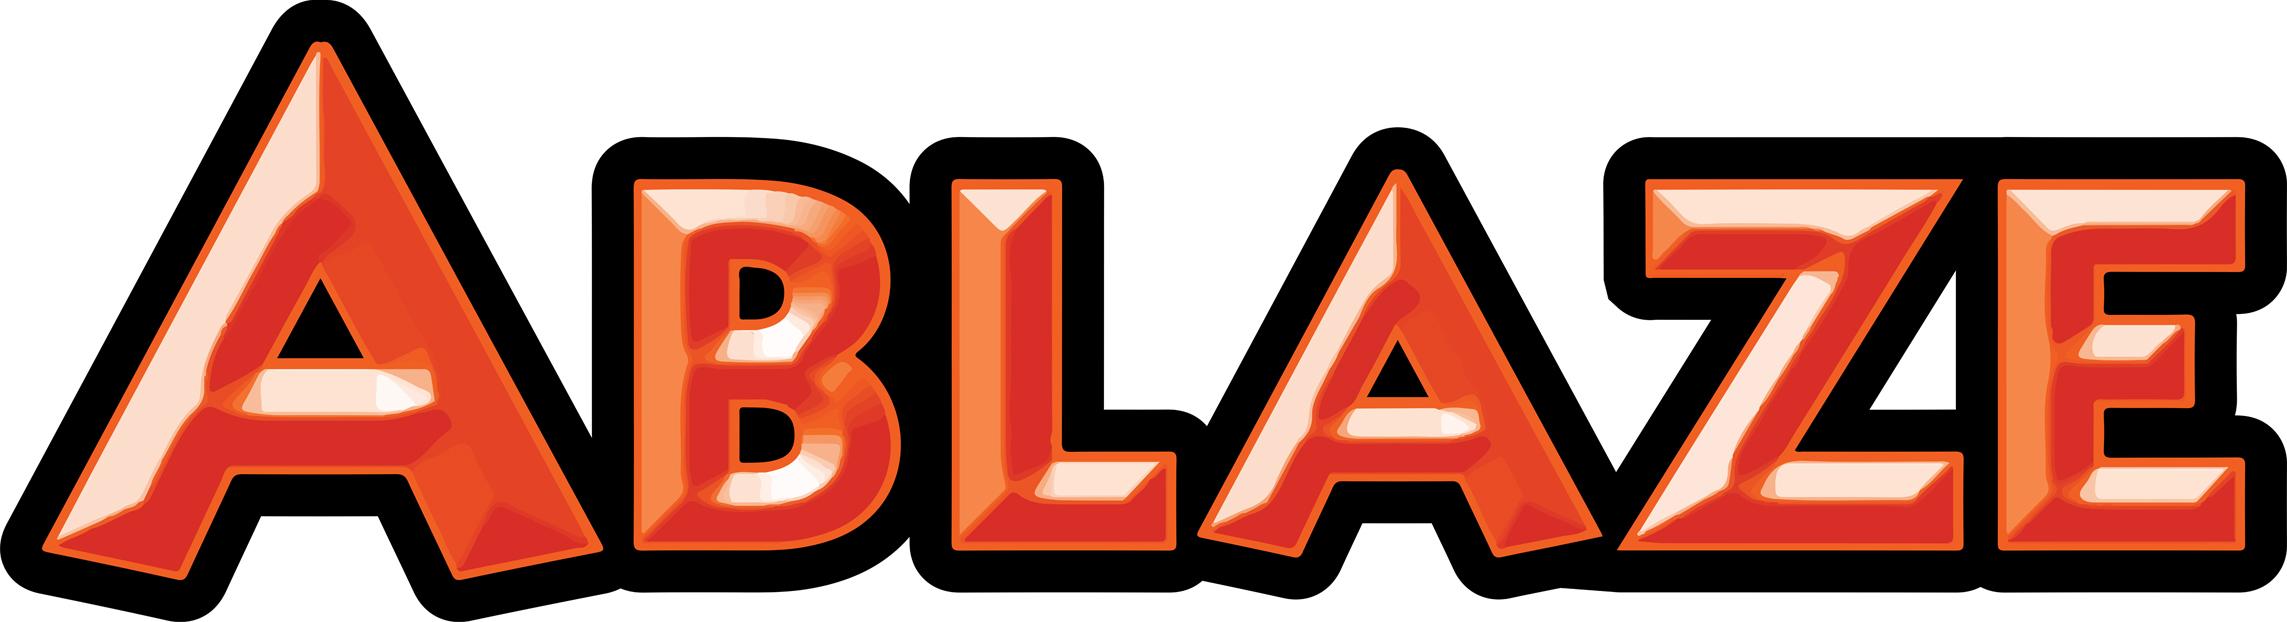 Ablaze Logo.jpg